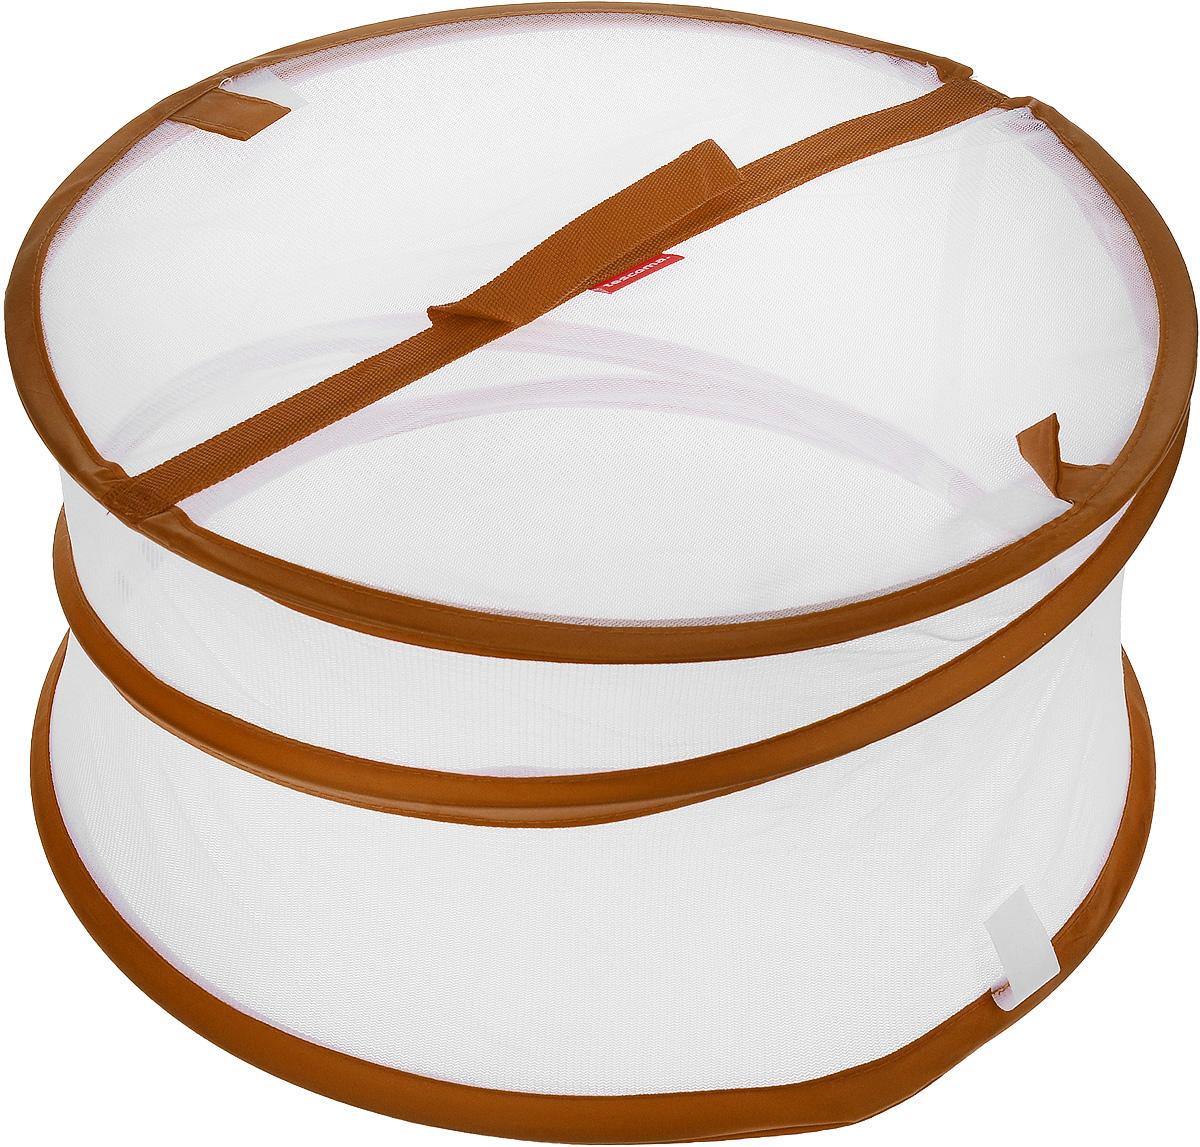 Крышка для пищевых продуктов Tescoma Delicia, складная, цвет: белый, коричневый, диаметр 35 см630852_коричневыйКрышка для пищевых продуктов Tescoma Delicia защитит еду от пыли и насекомых дома и на открытом воздухе. Крышка изготовлена из сетчатого текстиля и оснащена гибким металлическим каркасом. Просто составьте посуду с едой и накройте ее крышкой. Для легкого доступа изделие снабжено откидным верхом на липучке. Крышка легко складывается и раскладывается, при хранении занимает минимум пространства. Высота в разложенном виде: 20 см. Высота в сложенном виде: 1 см.